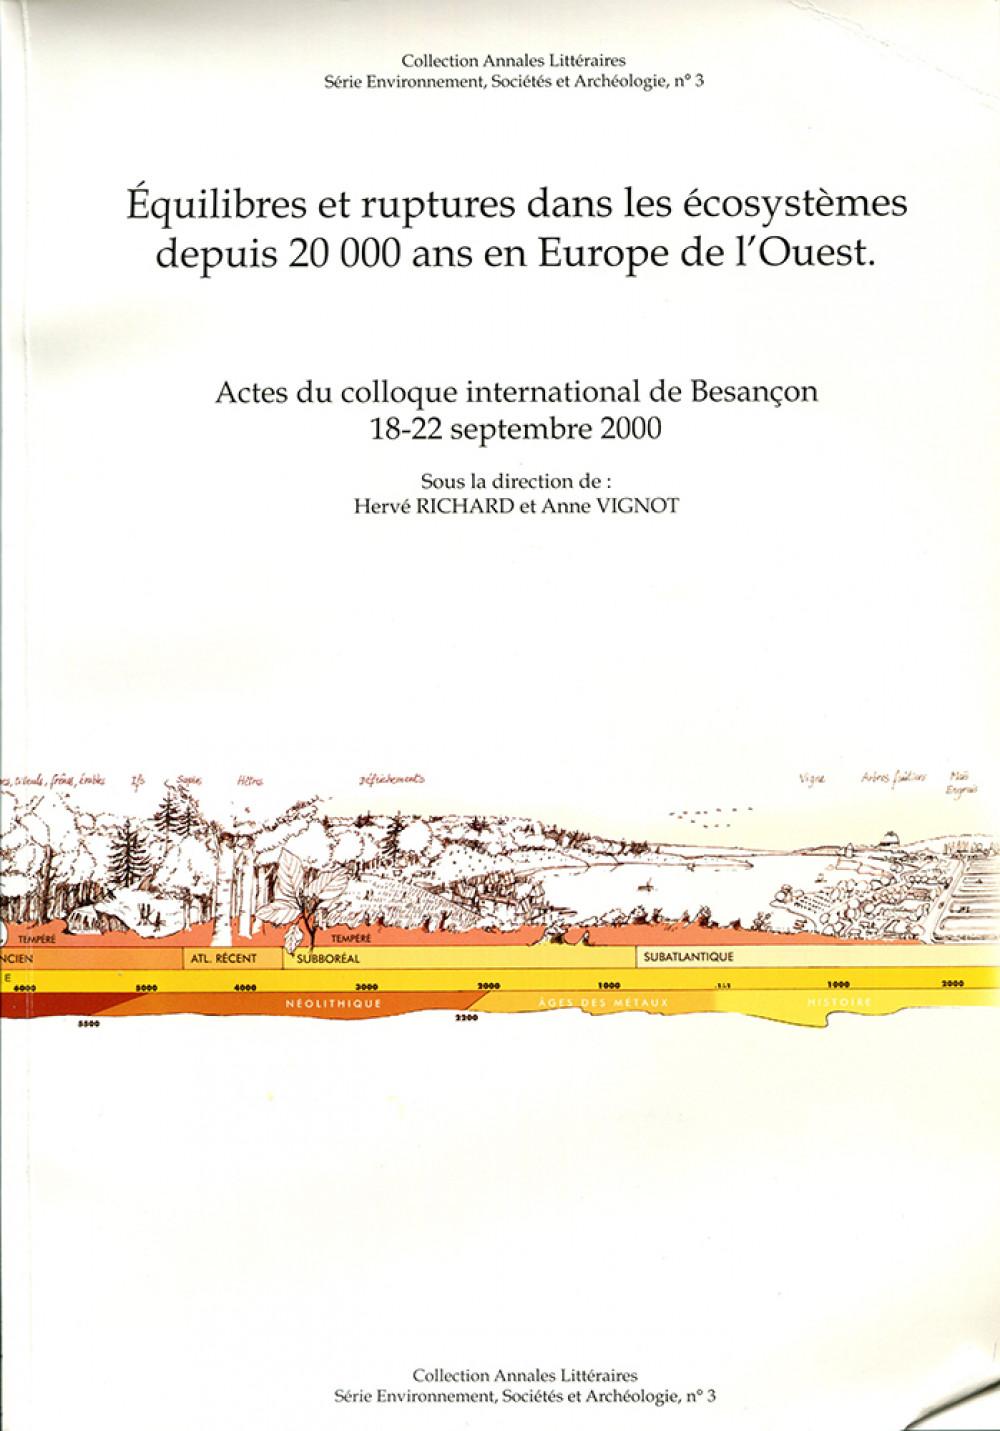 Equilibres et ruptures dans les écosystèmes depuis 20 000 ans en Europe de l'Ouest